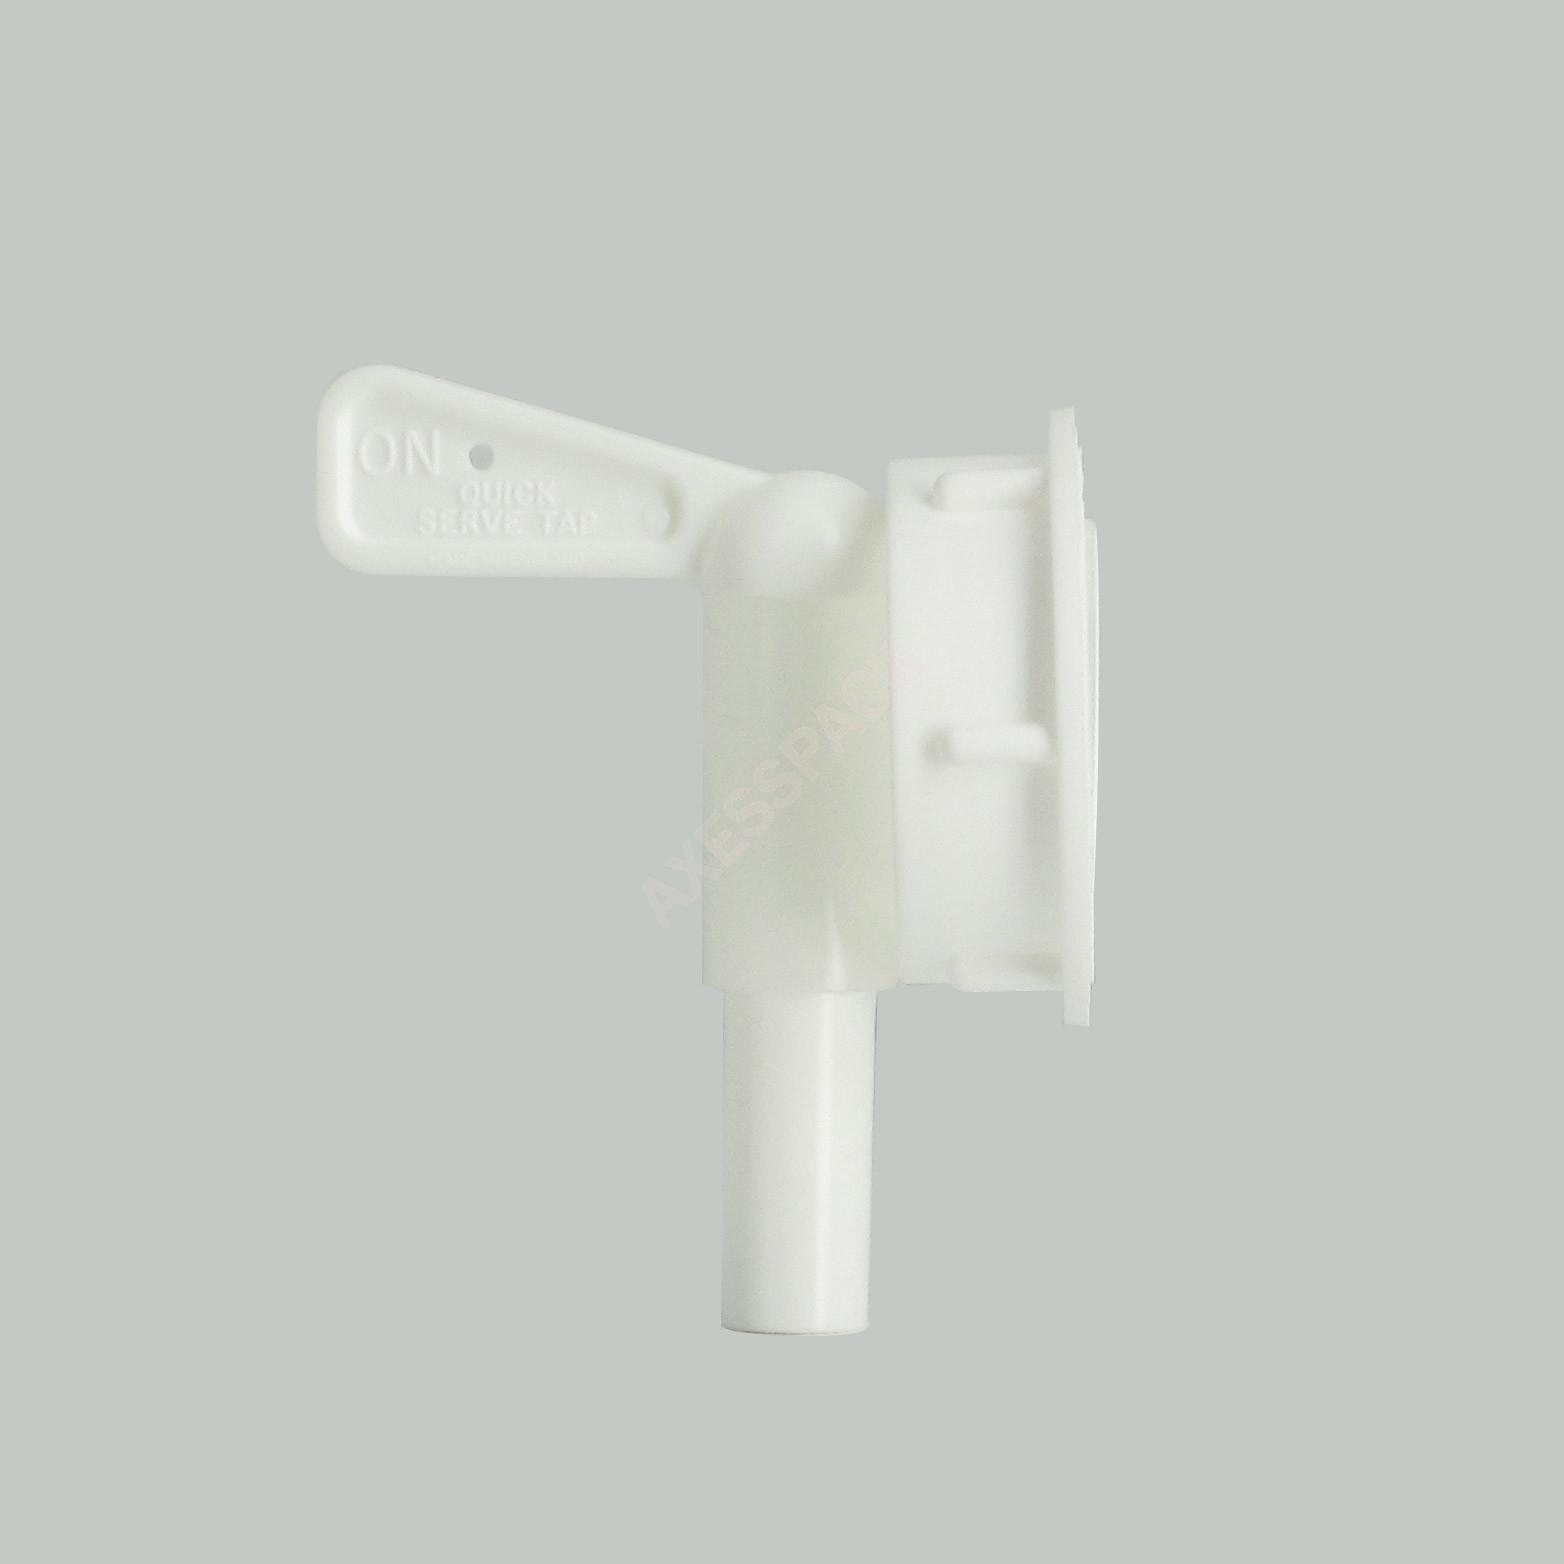 Robinet Quick Serve sur bague vissable Euro 38 mm blanche boisseau Standard